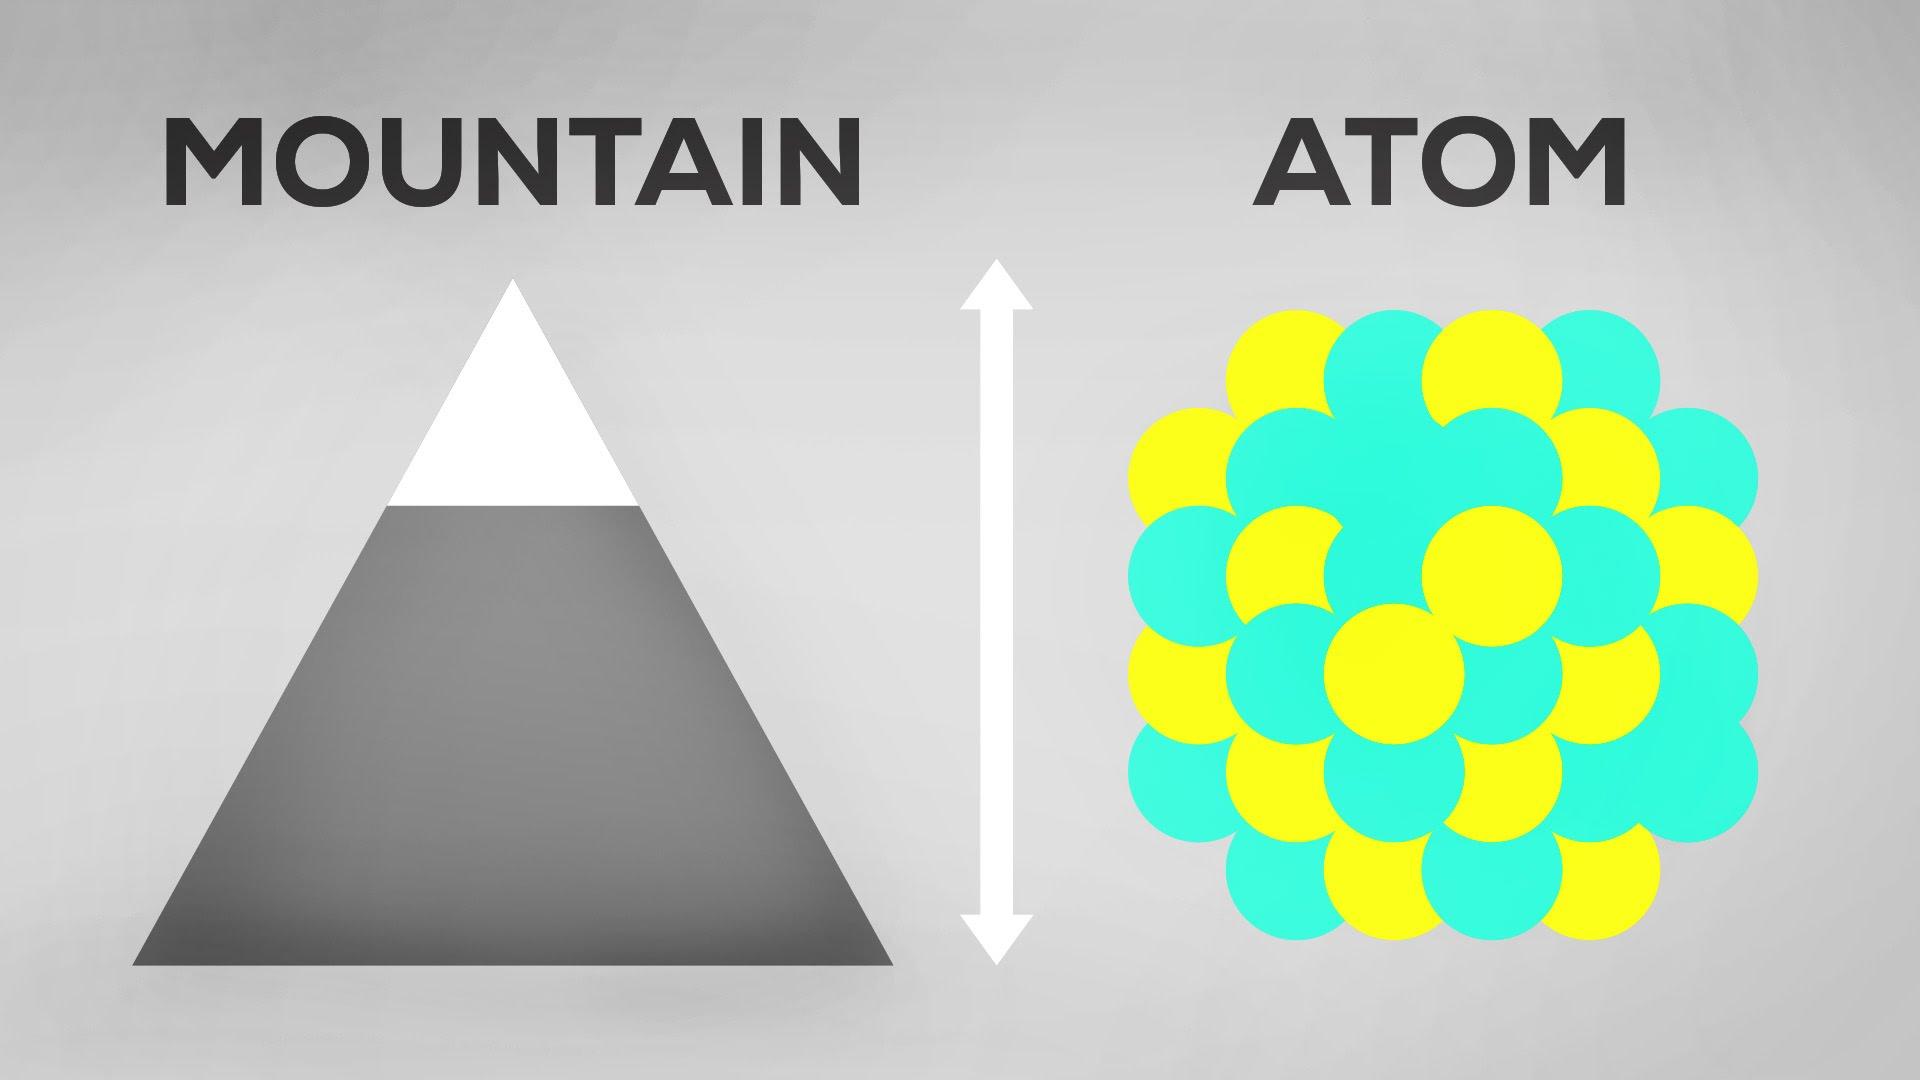 maxresdefaultI0YNRHDH Atome so groß wie Berge   Kurzgesagt erklärt uns Neutronensterne